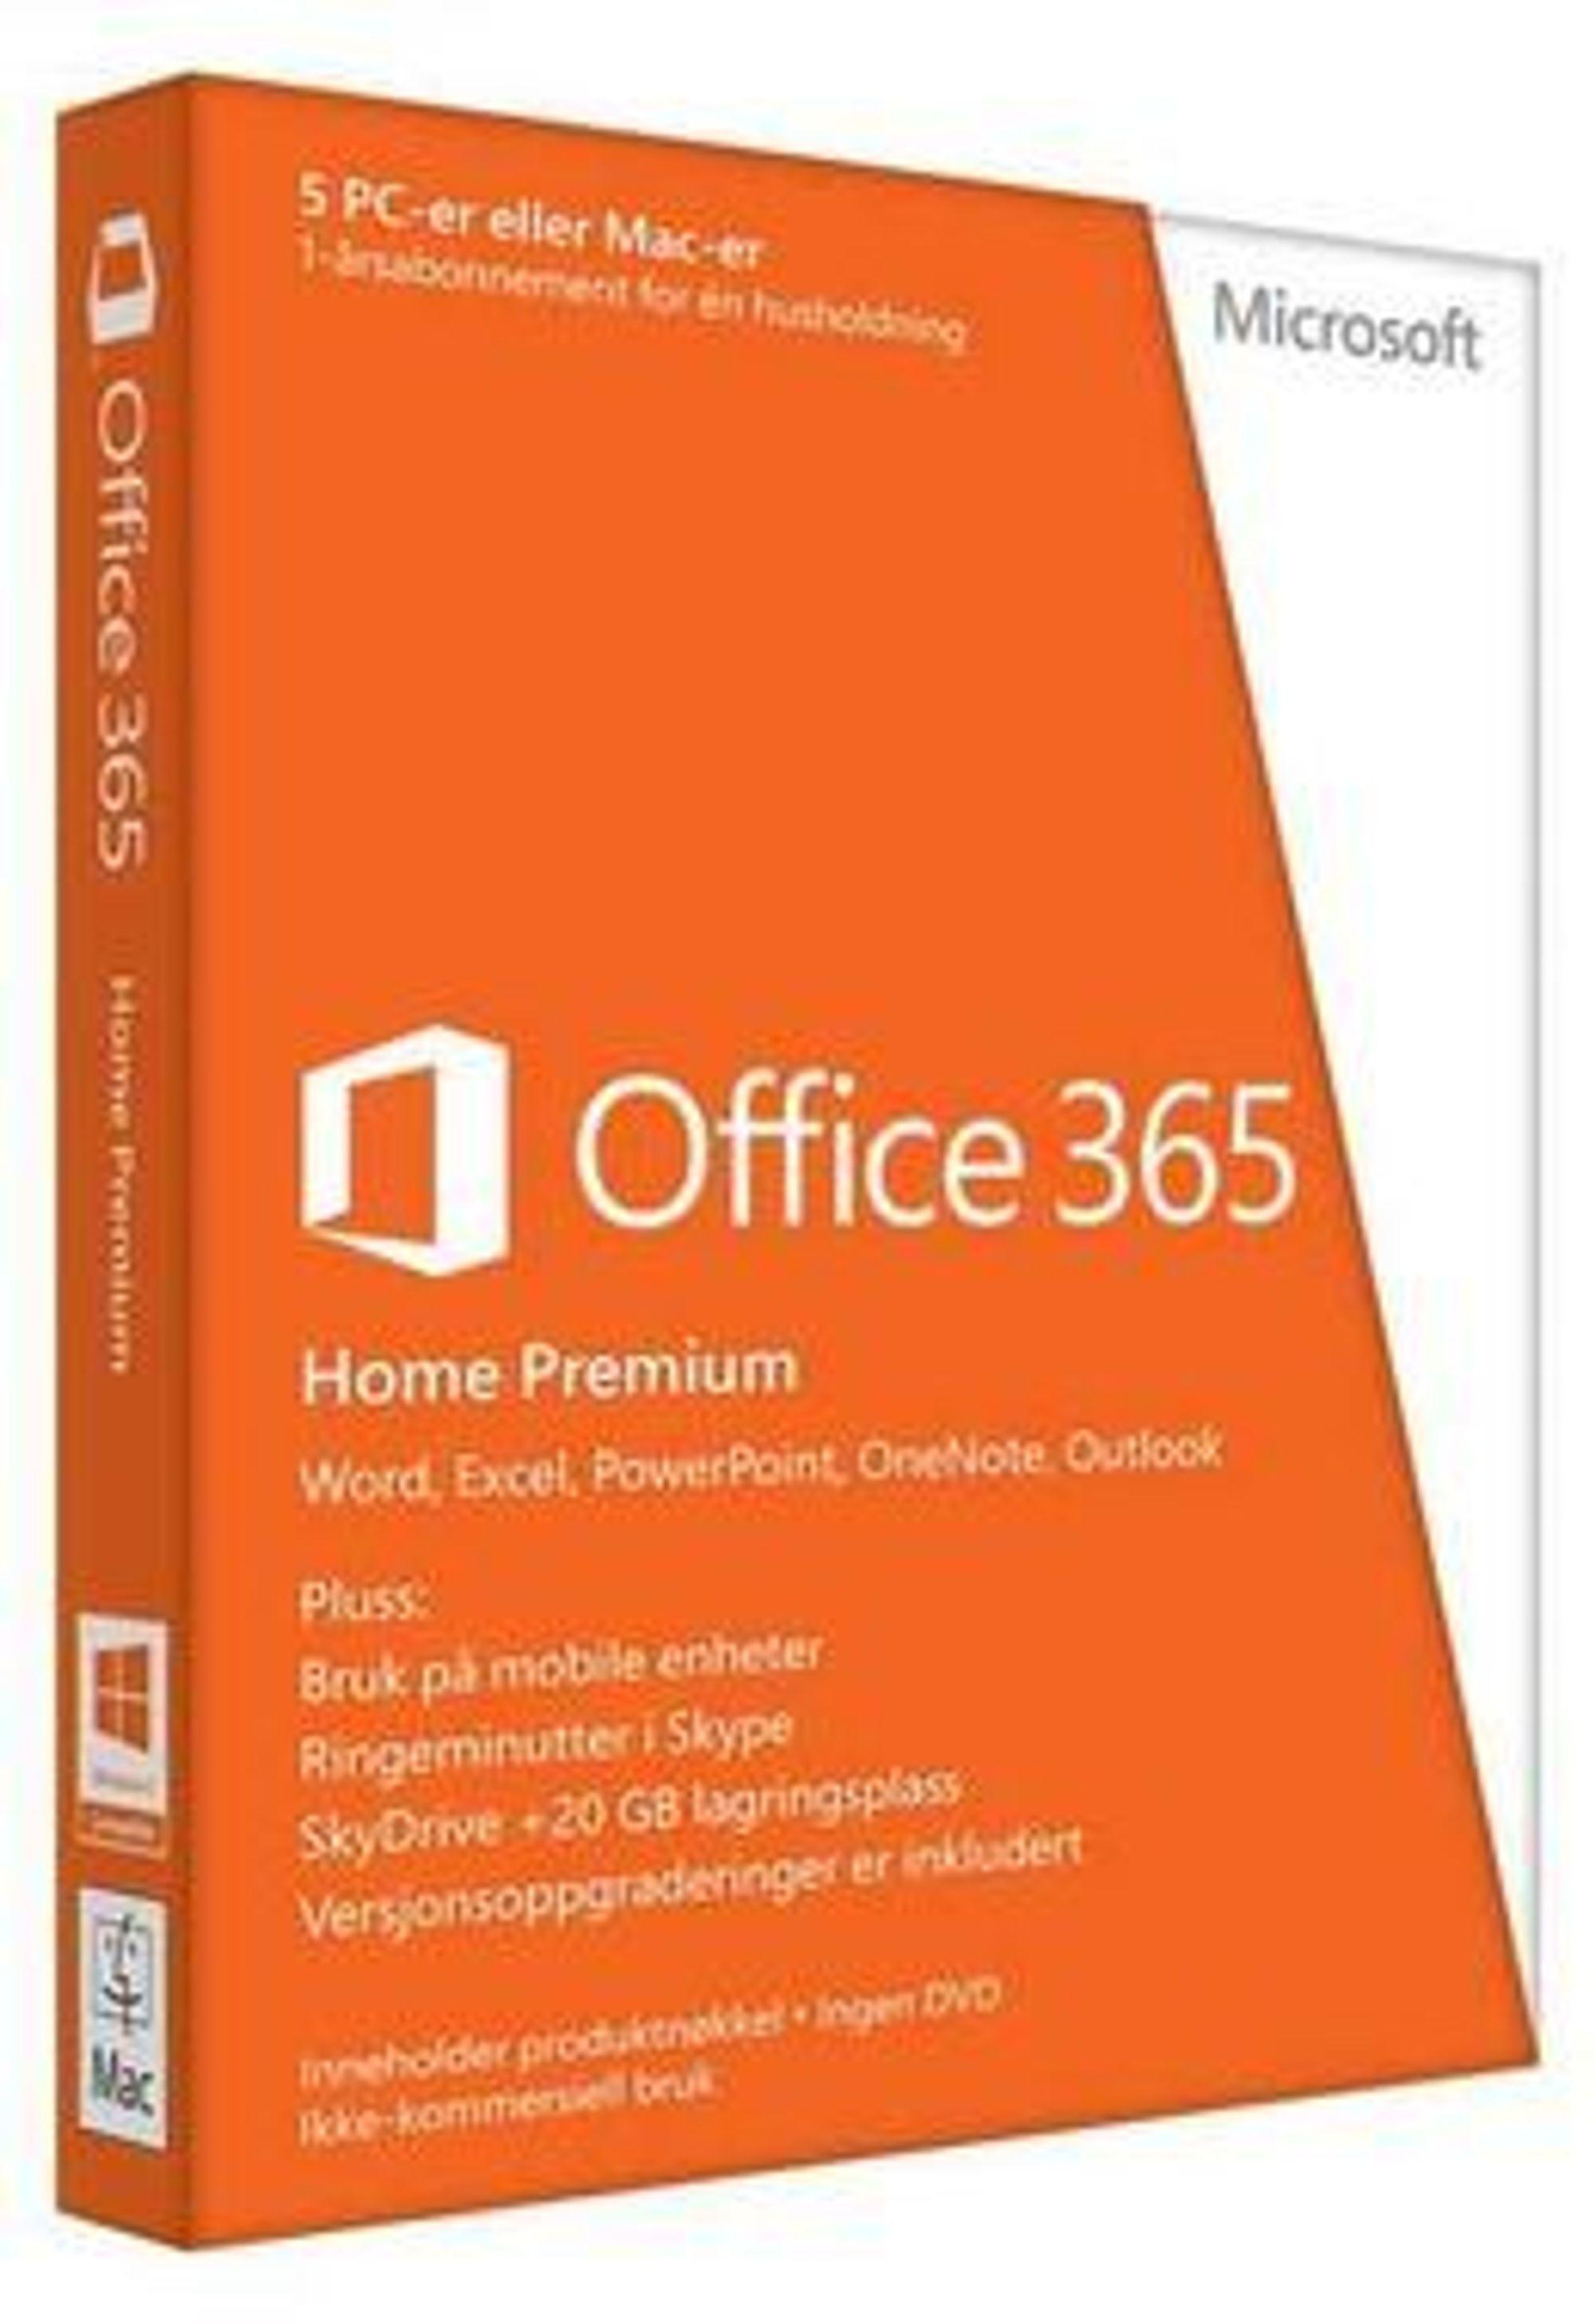 Office 365 Home Premium tilbys også på boks. Legg merke til teksten helt nederst: Inneholder produktnøkkel, ingen DVD.